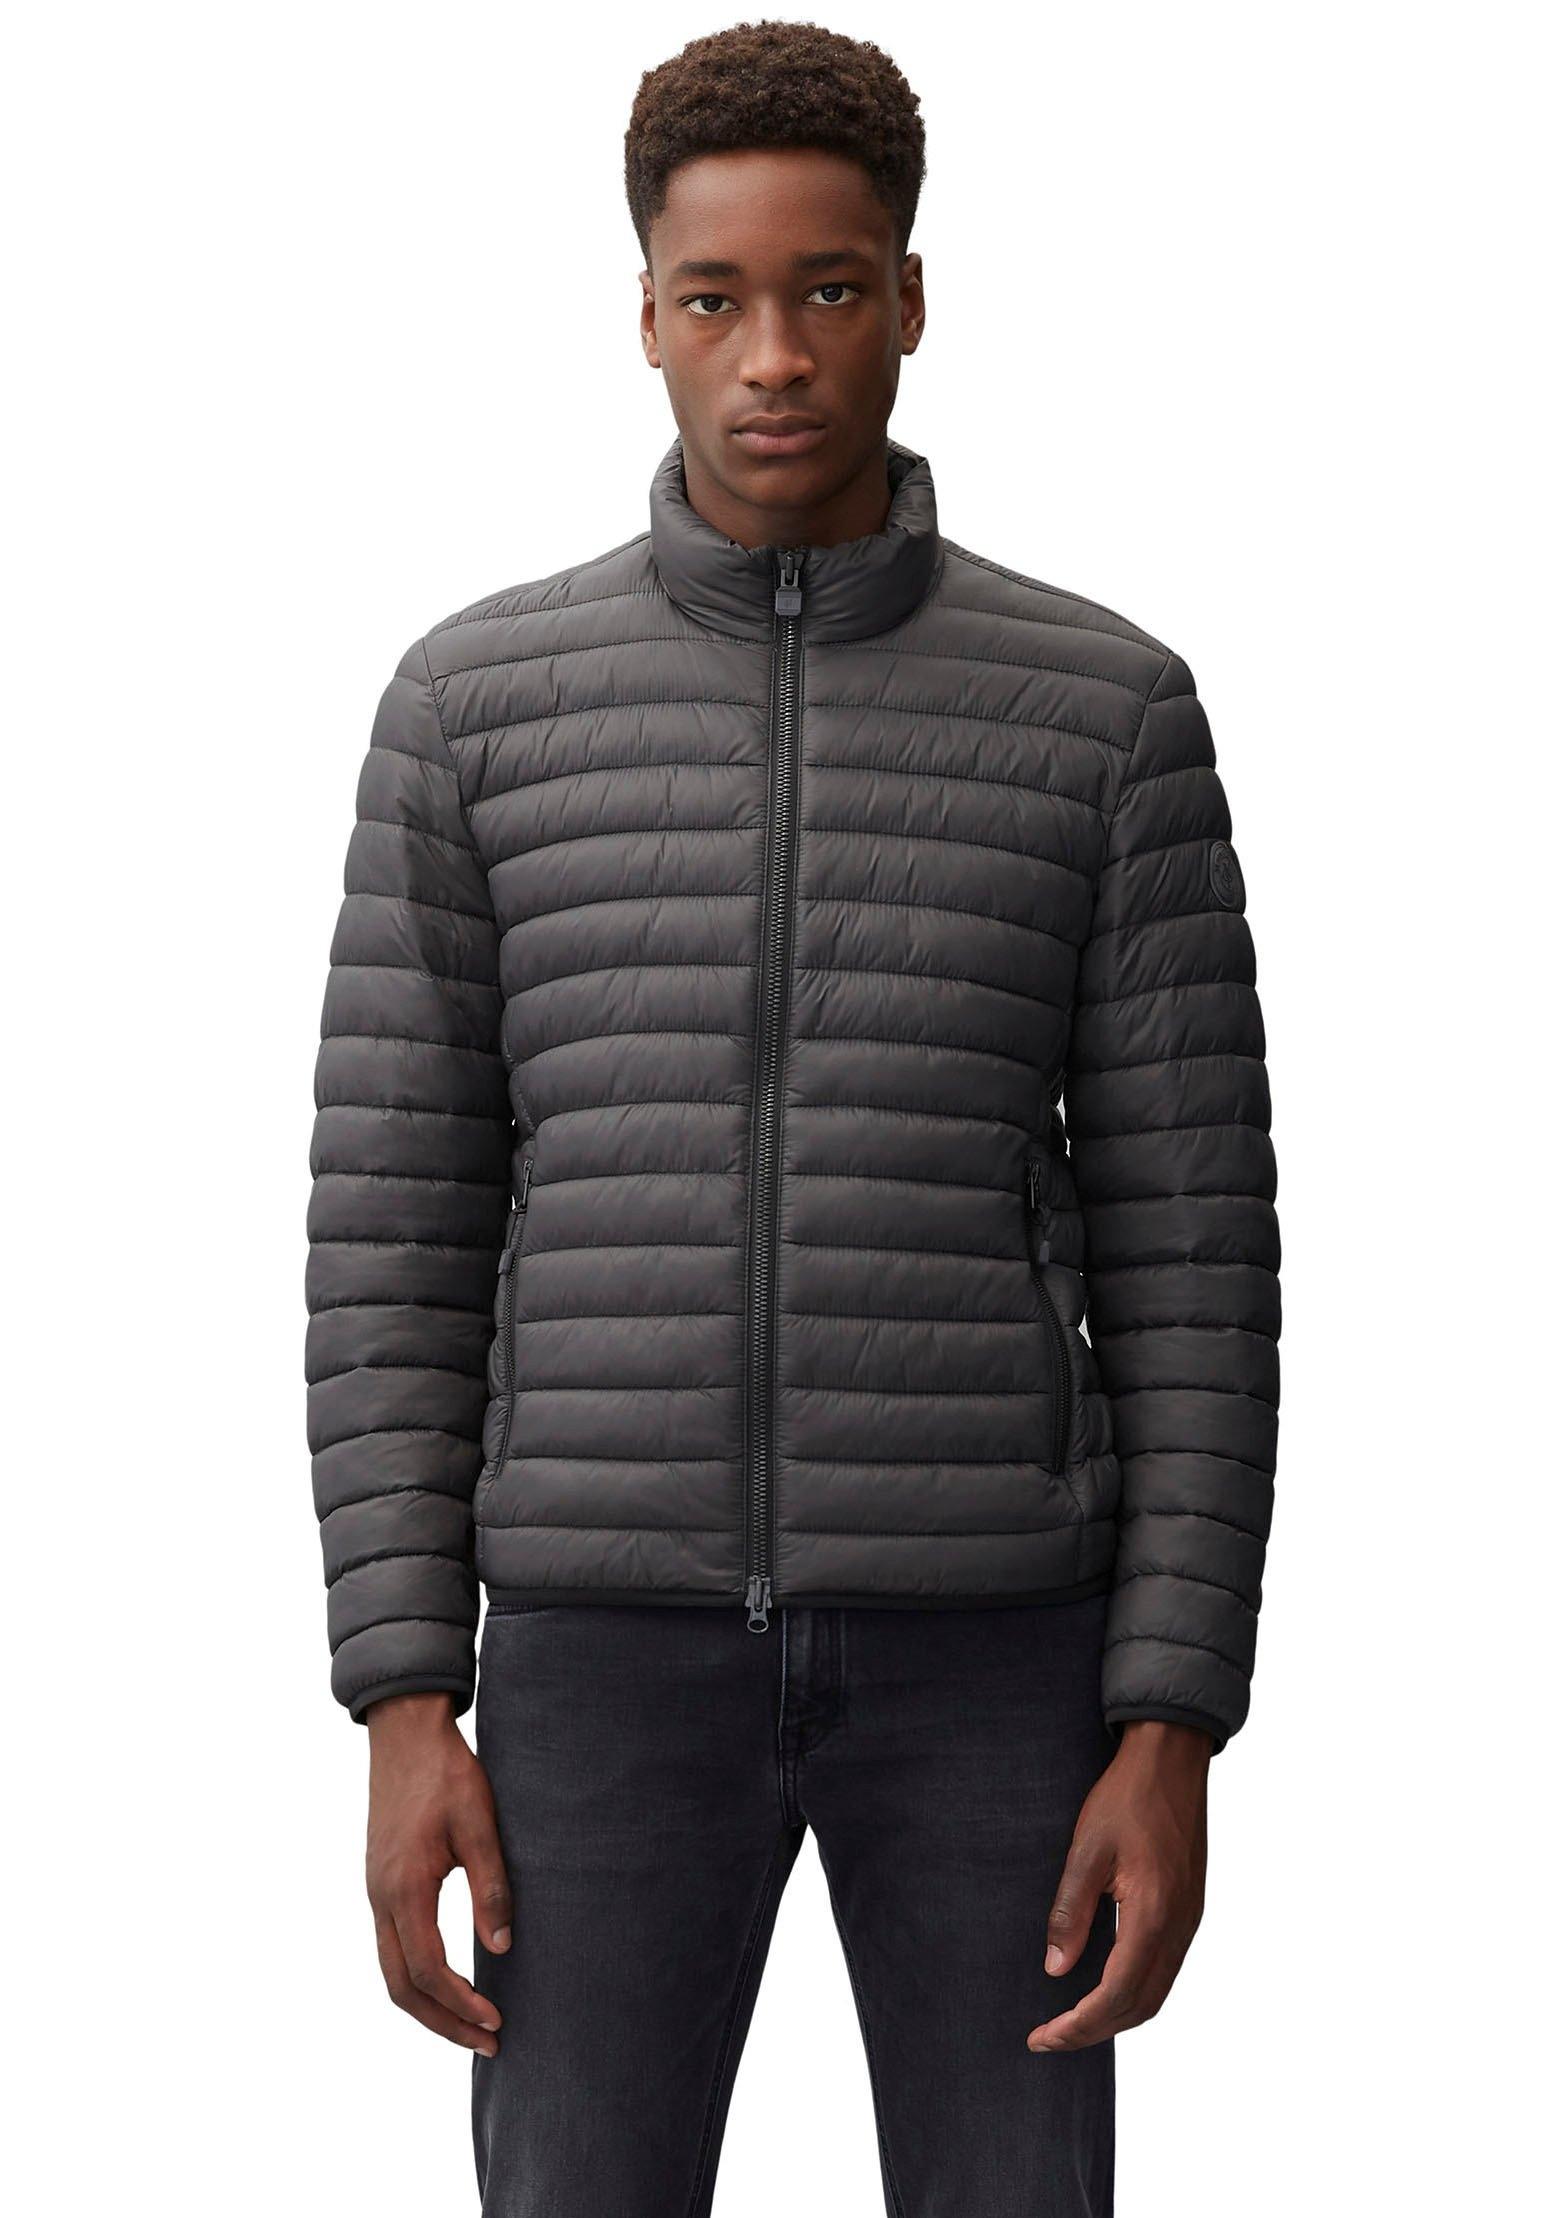 Marc O'Polo gewatteerde jas zonder dons, voor herfst en lente - verschillende betaalmethodes